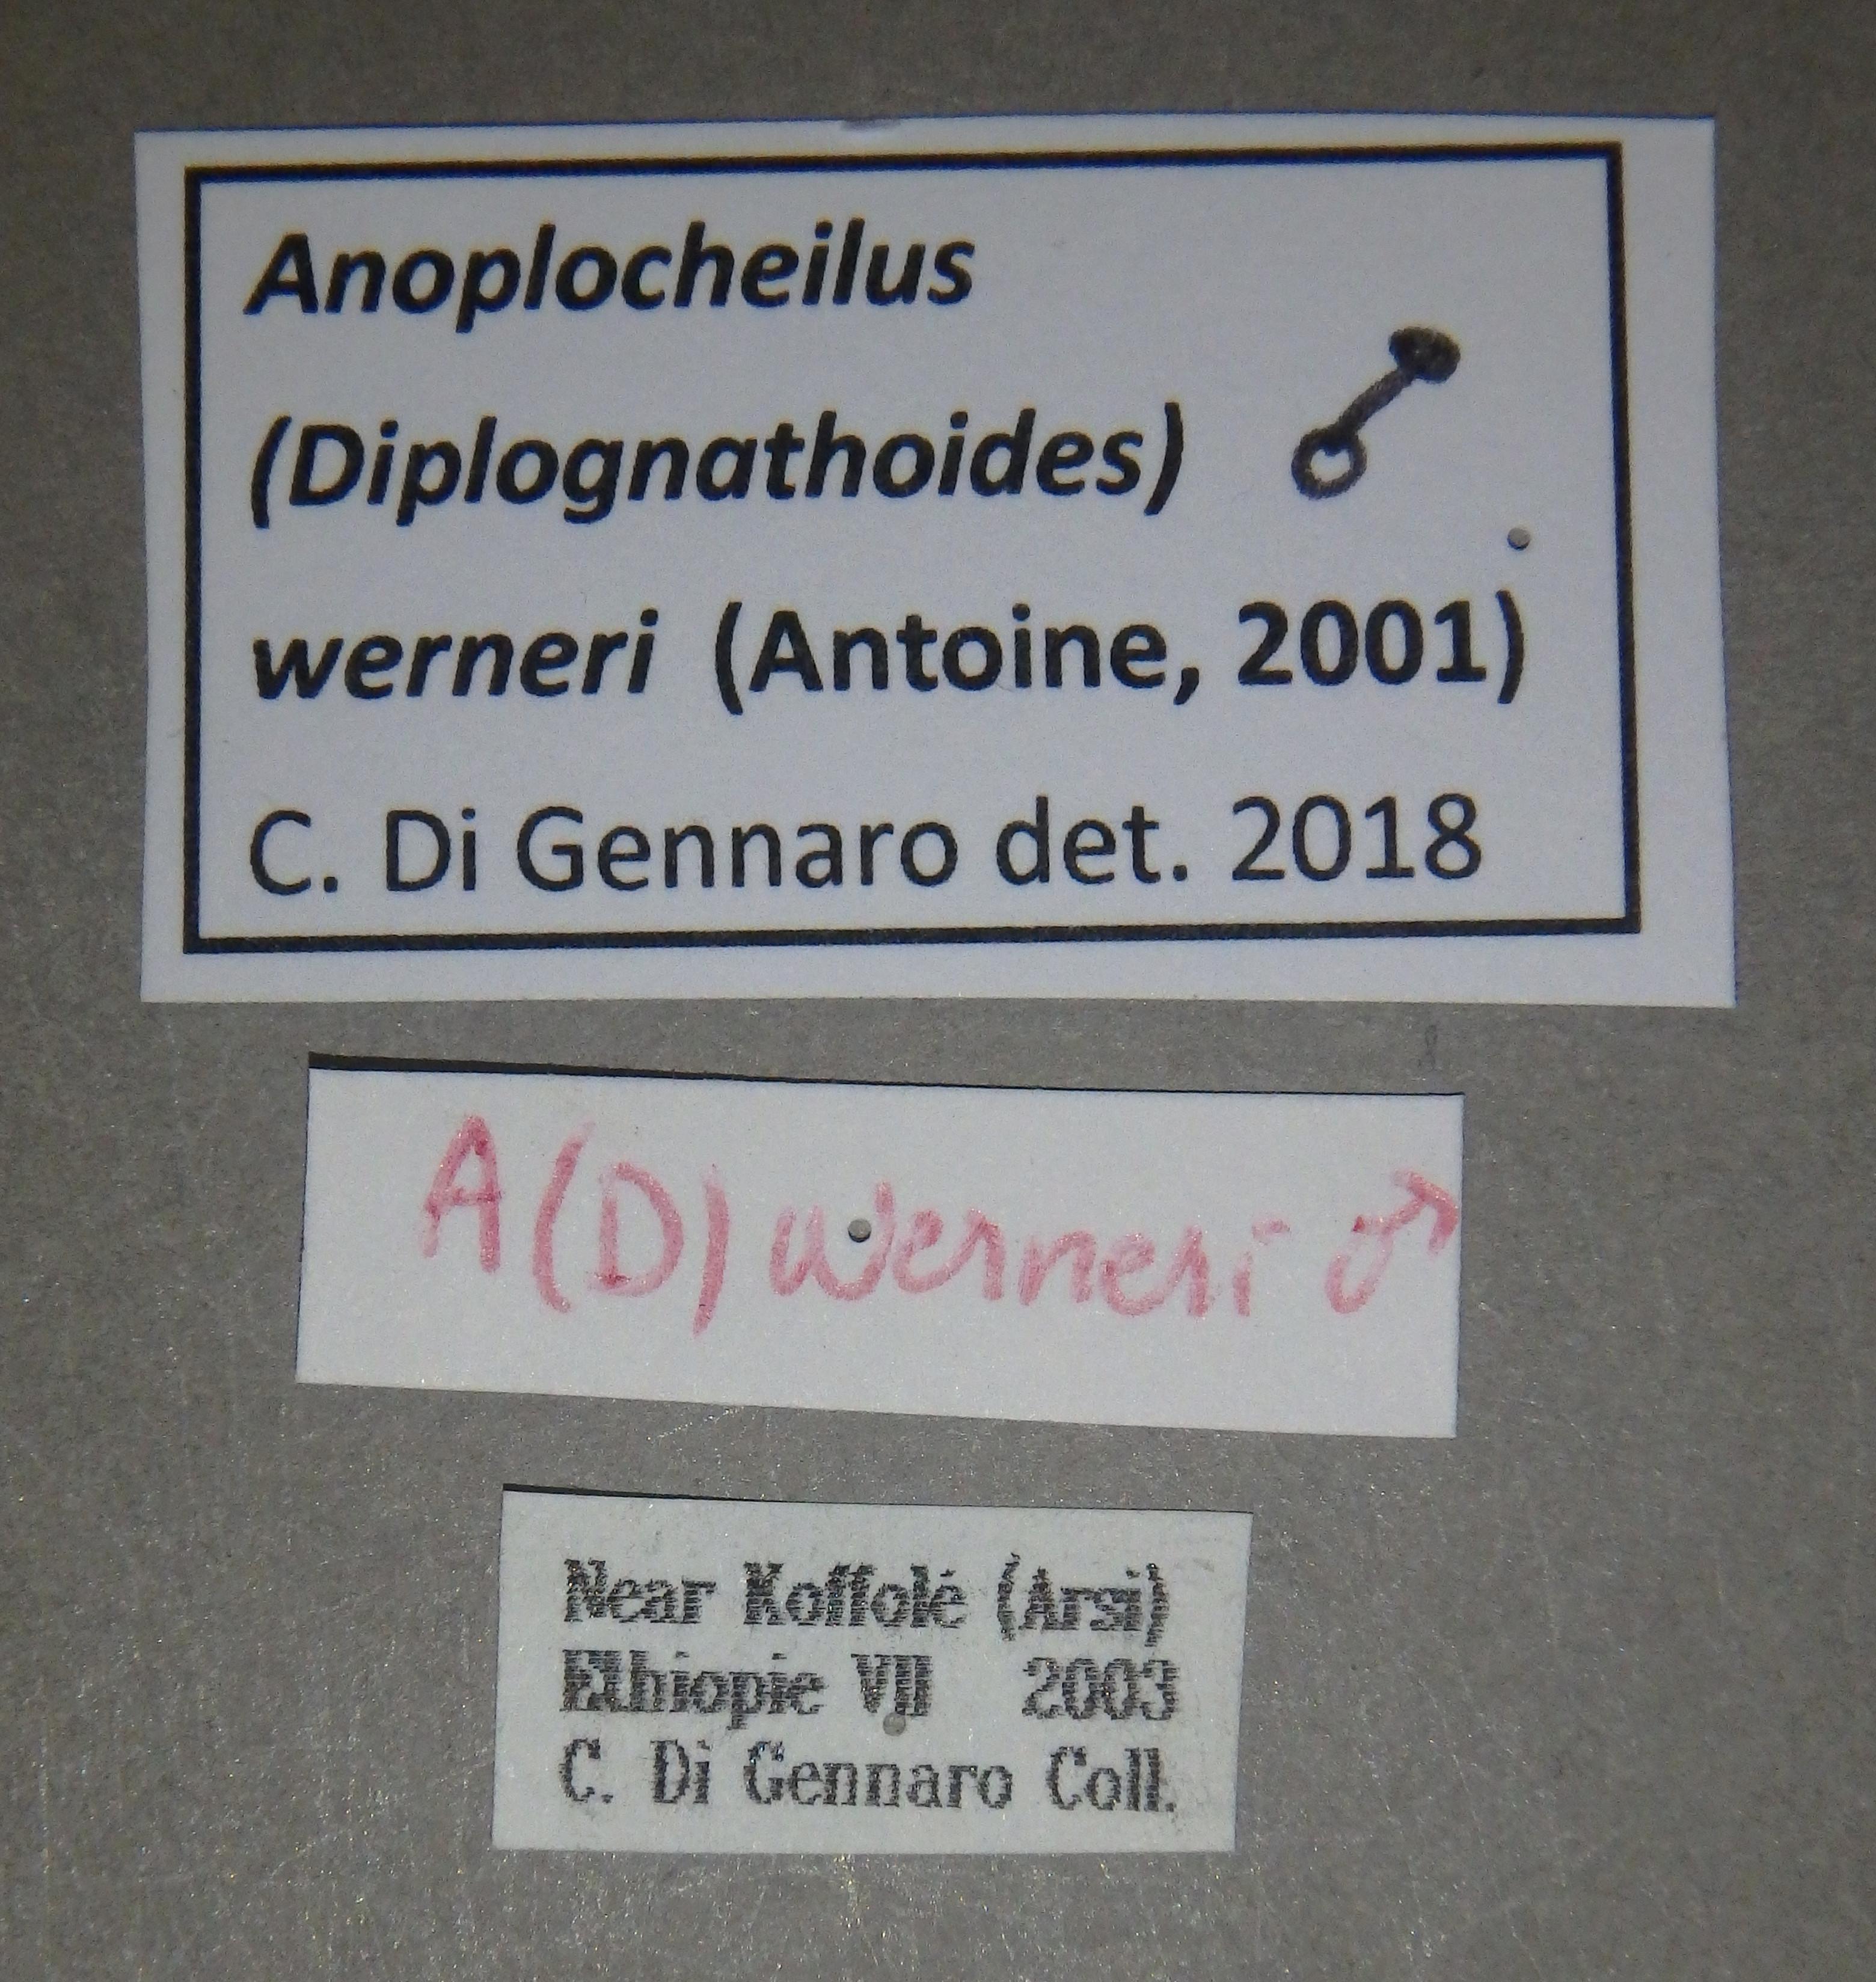 Anoplocheilus (Diplognathoides) werneri nt1 M Lb.JPG